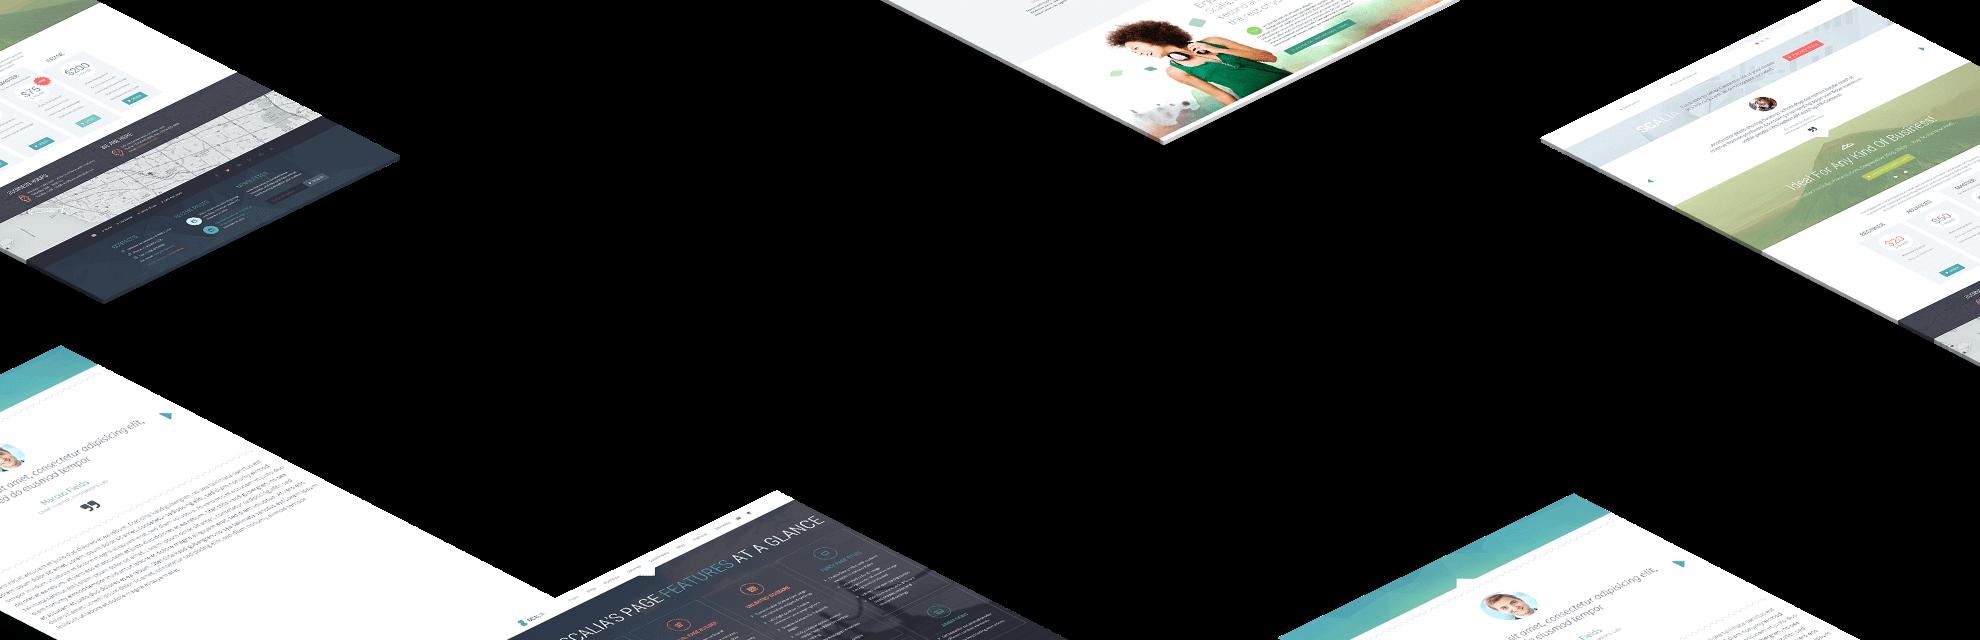 Slide2-Mockups1